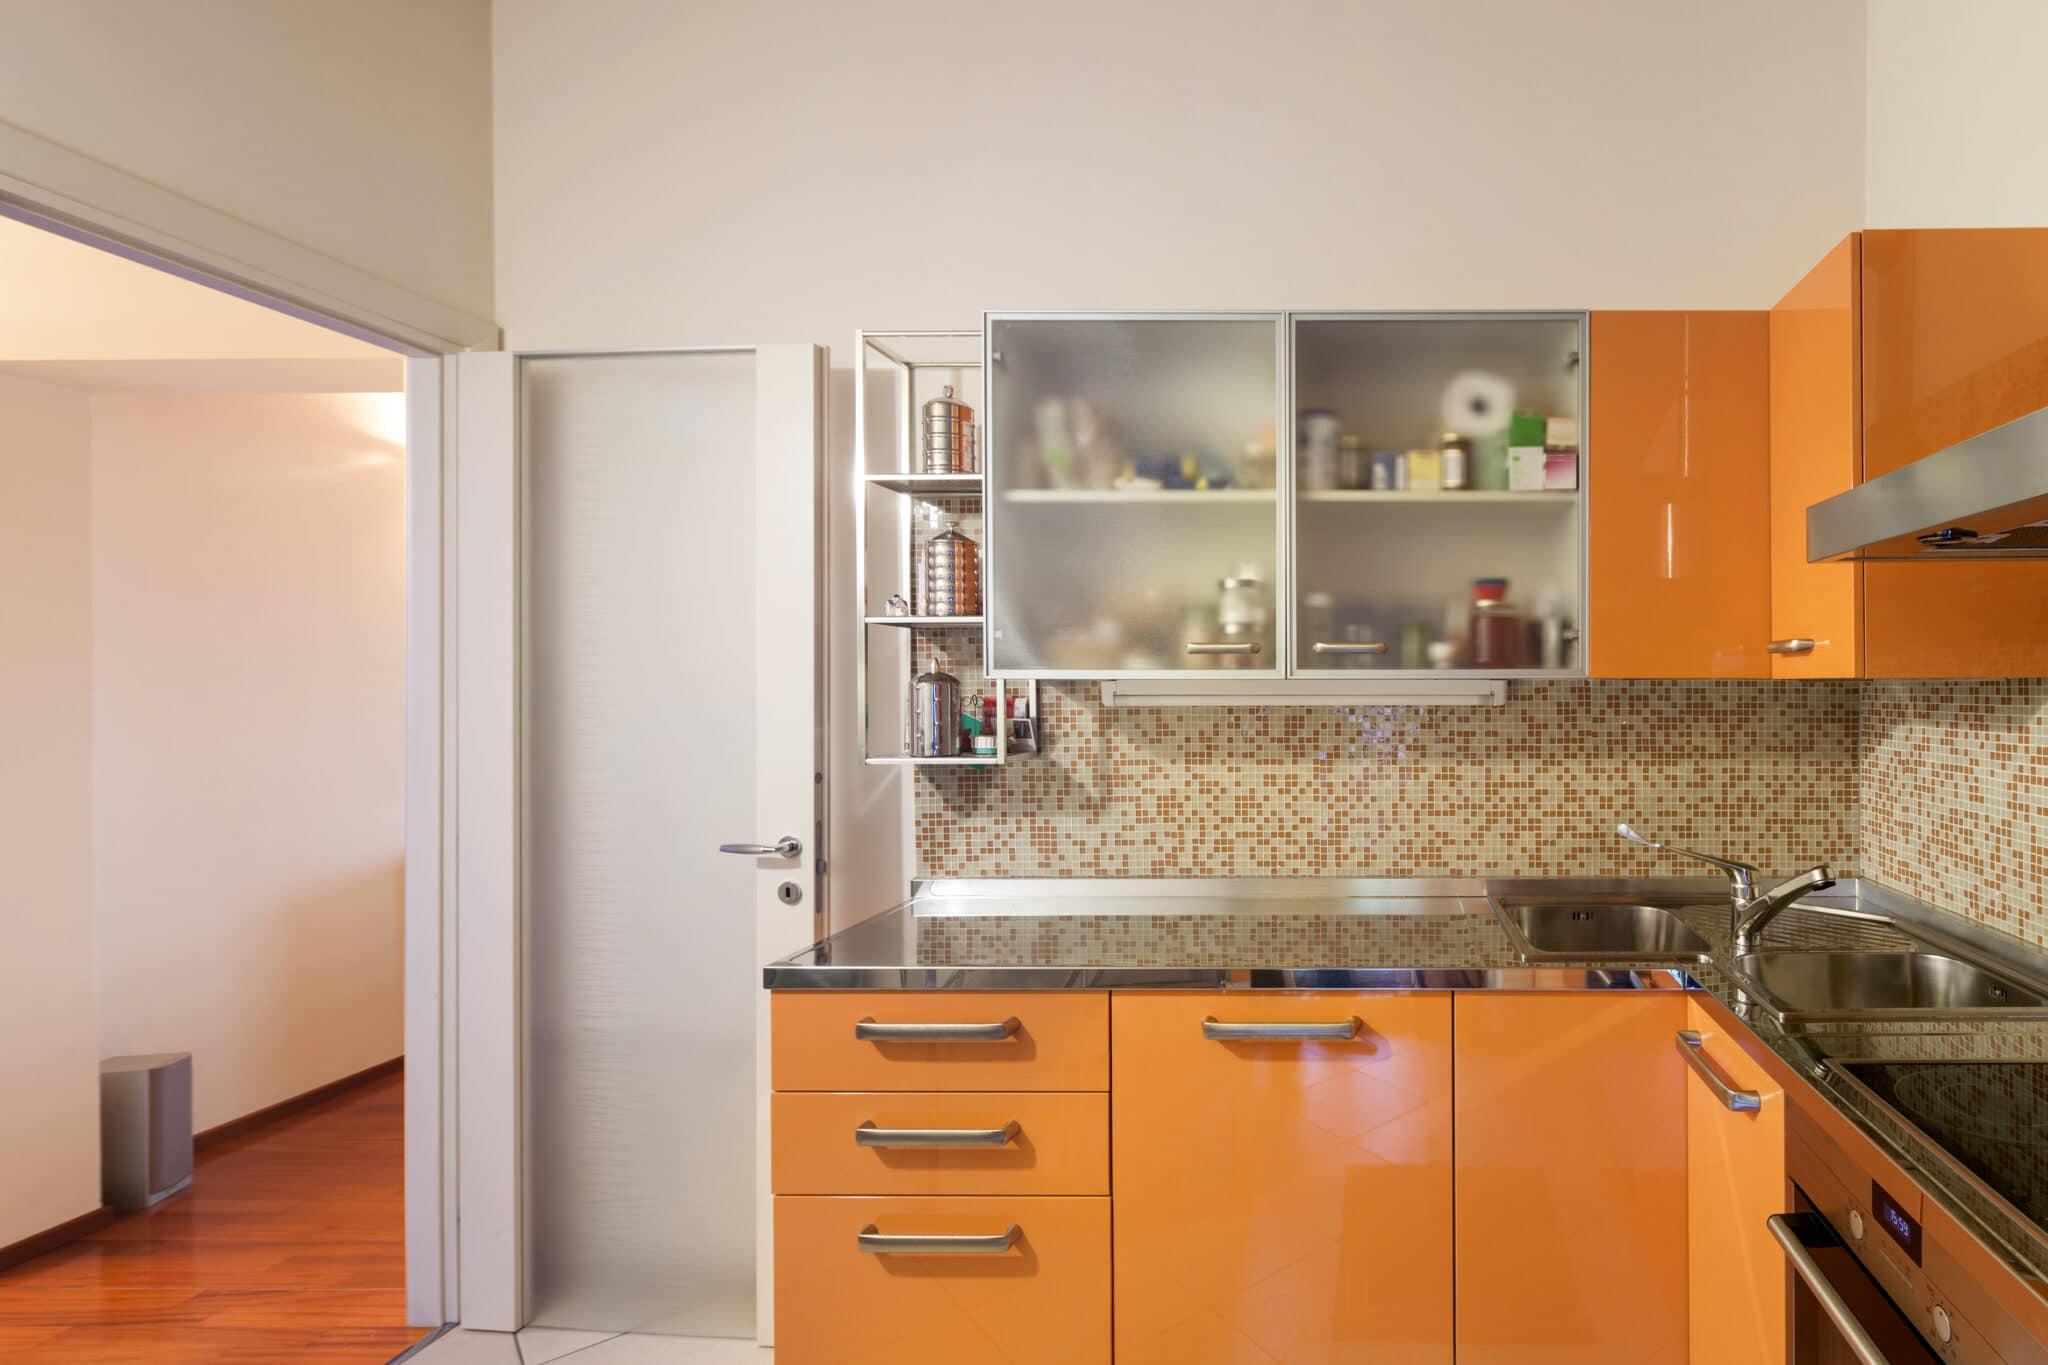 מטבחים מעץ אנשי שיווק המטבחים נותנים שירות מהיר ומקצועי עם מתן אחריות לעבודתם שיודעים לתת אחריות מלאה לעבודתם בד בבד התקנת חיבור גז תיקני במטבח